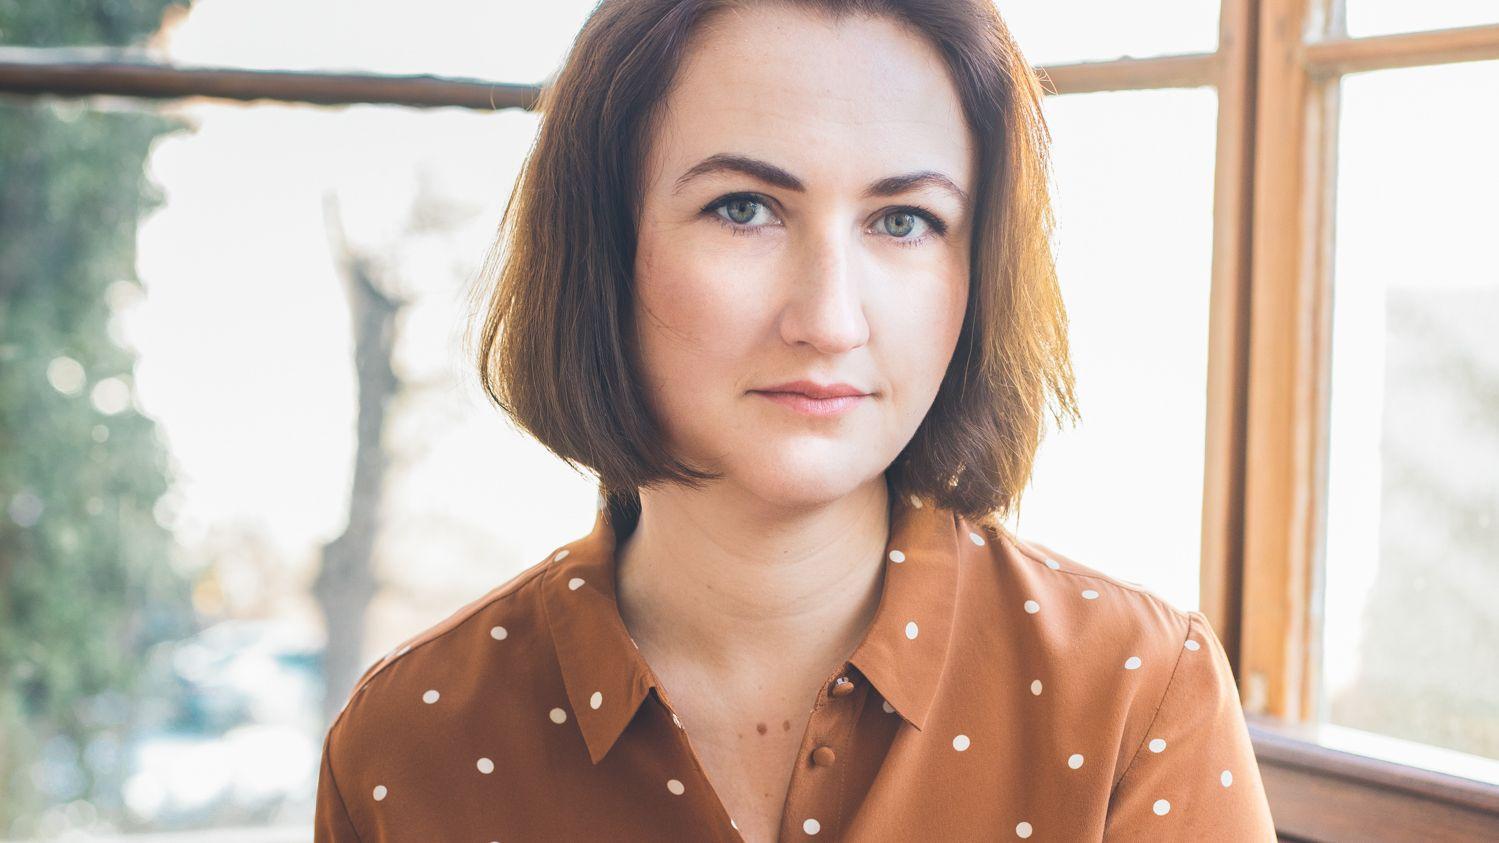 Die Autorin Emilia Smechowski blickt, vor einem Fenster sitzend, in die Kamera